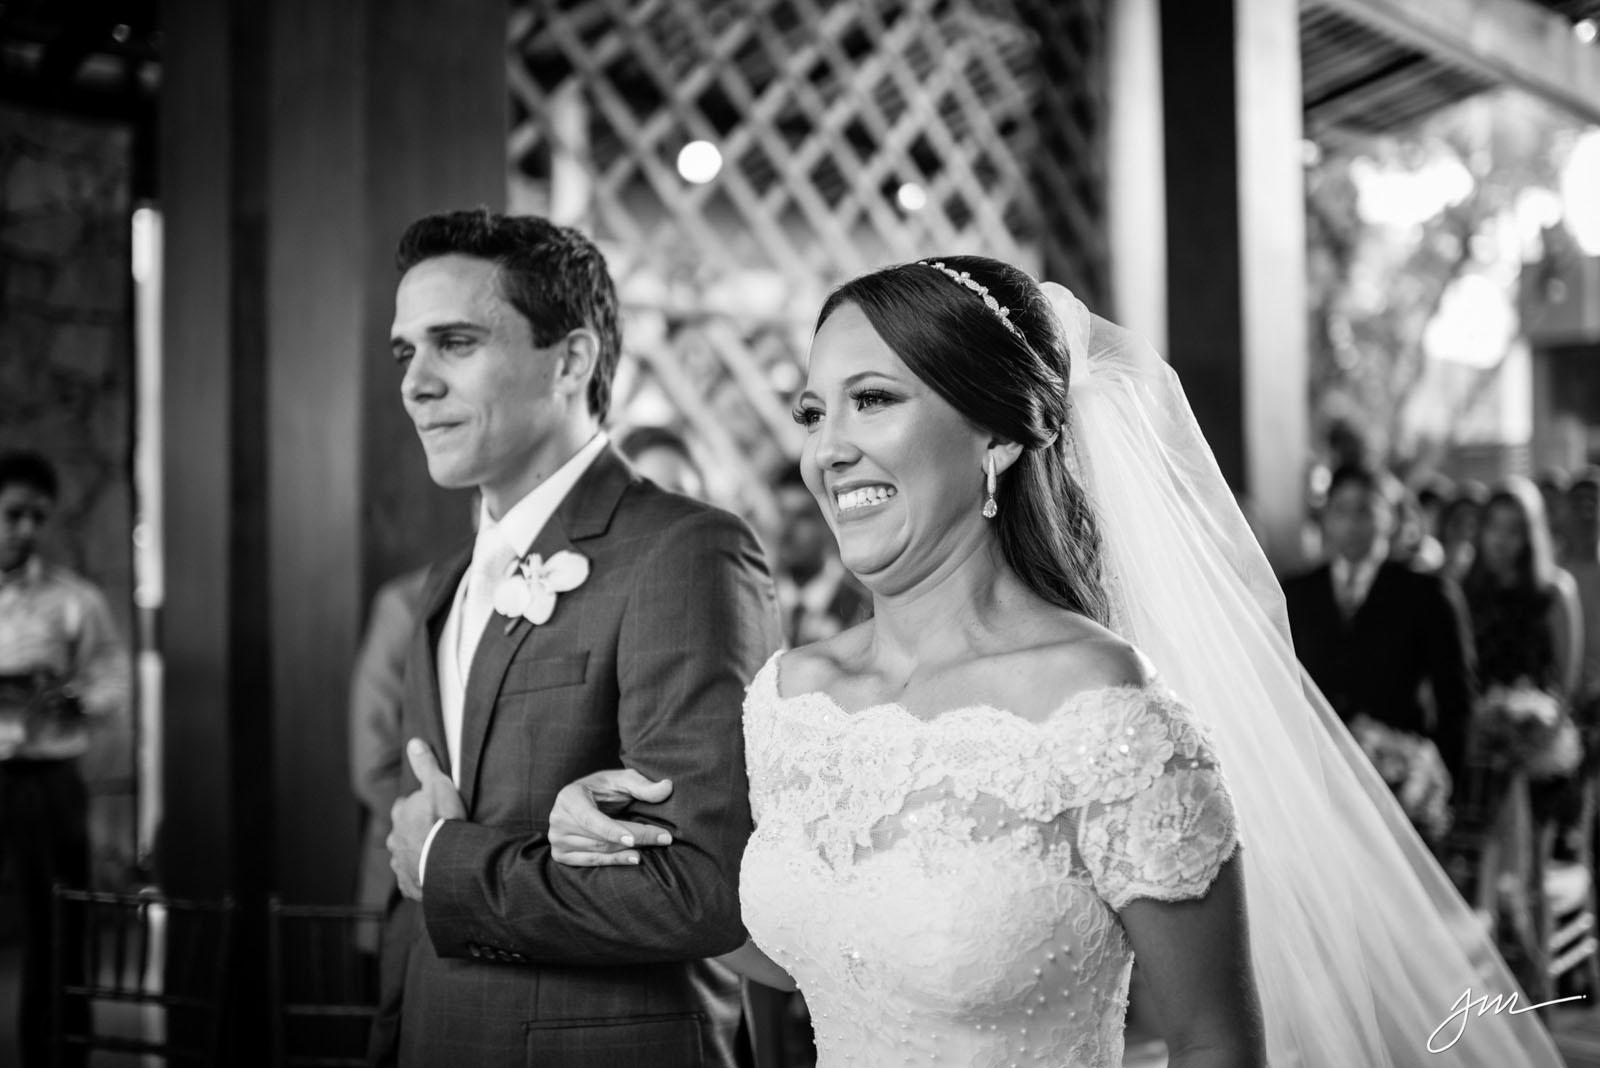 João Melo Fotografia - Fotógrafo de Casamentos, Gestantes, Familia, Book Externo e Celebridades em Fortaleza, Ceará